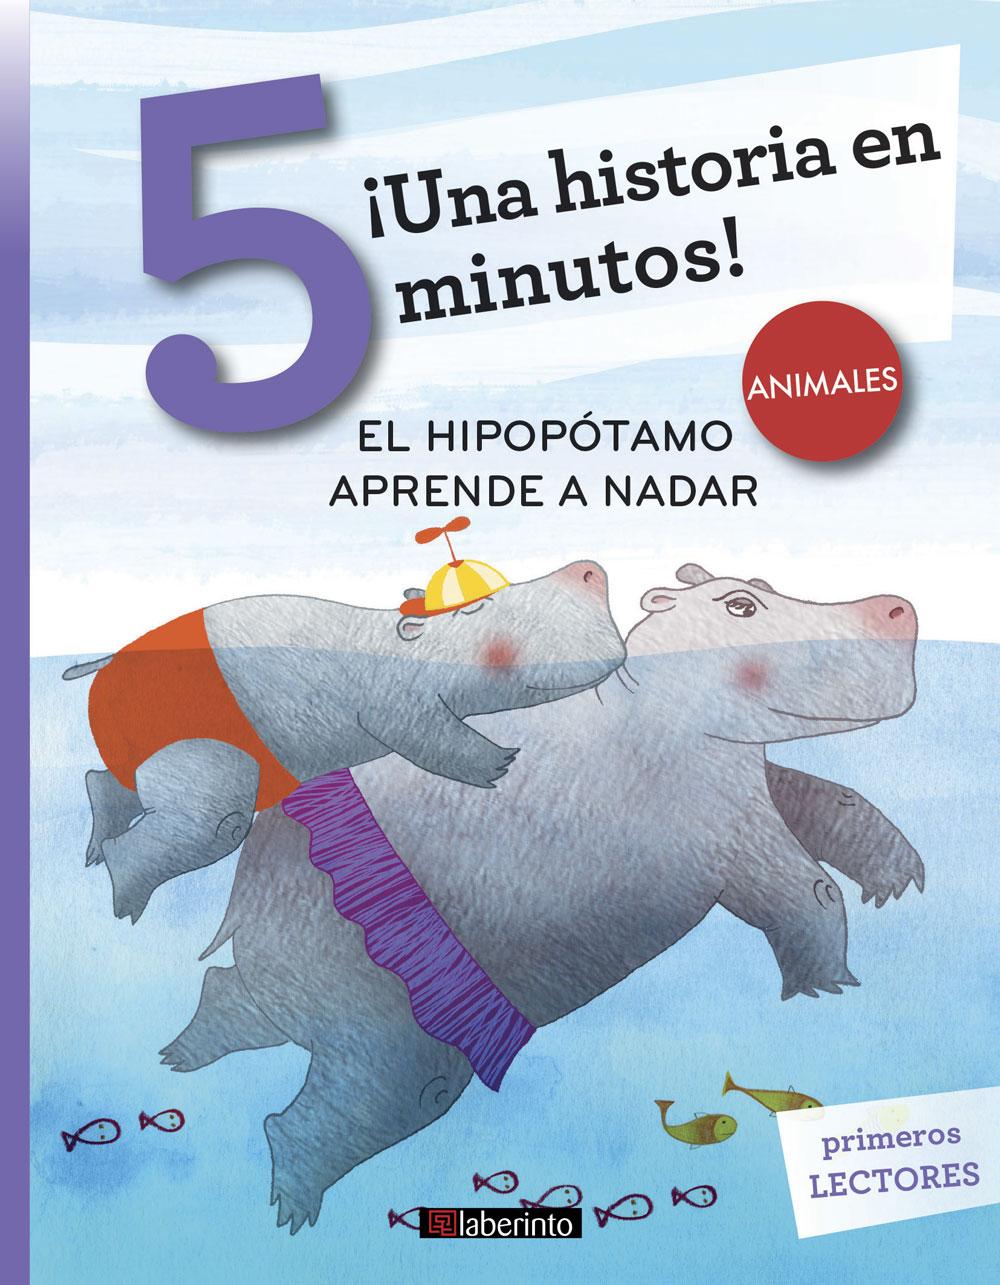 ¡Una historia en 5 minutos! El hipopótamo aprende a nadar